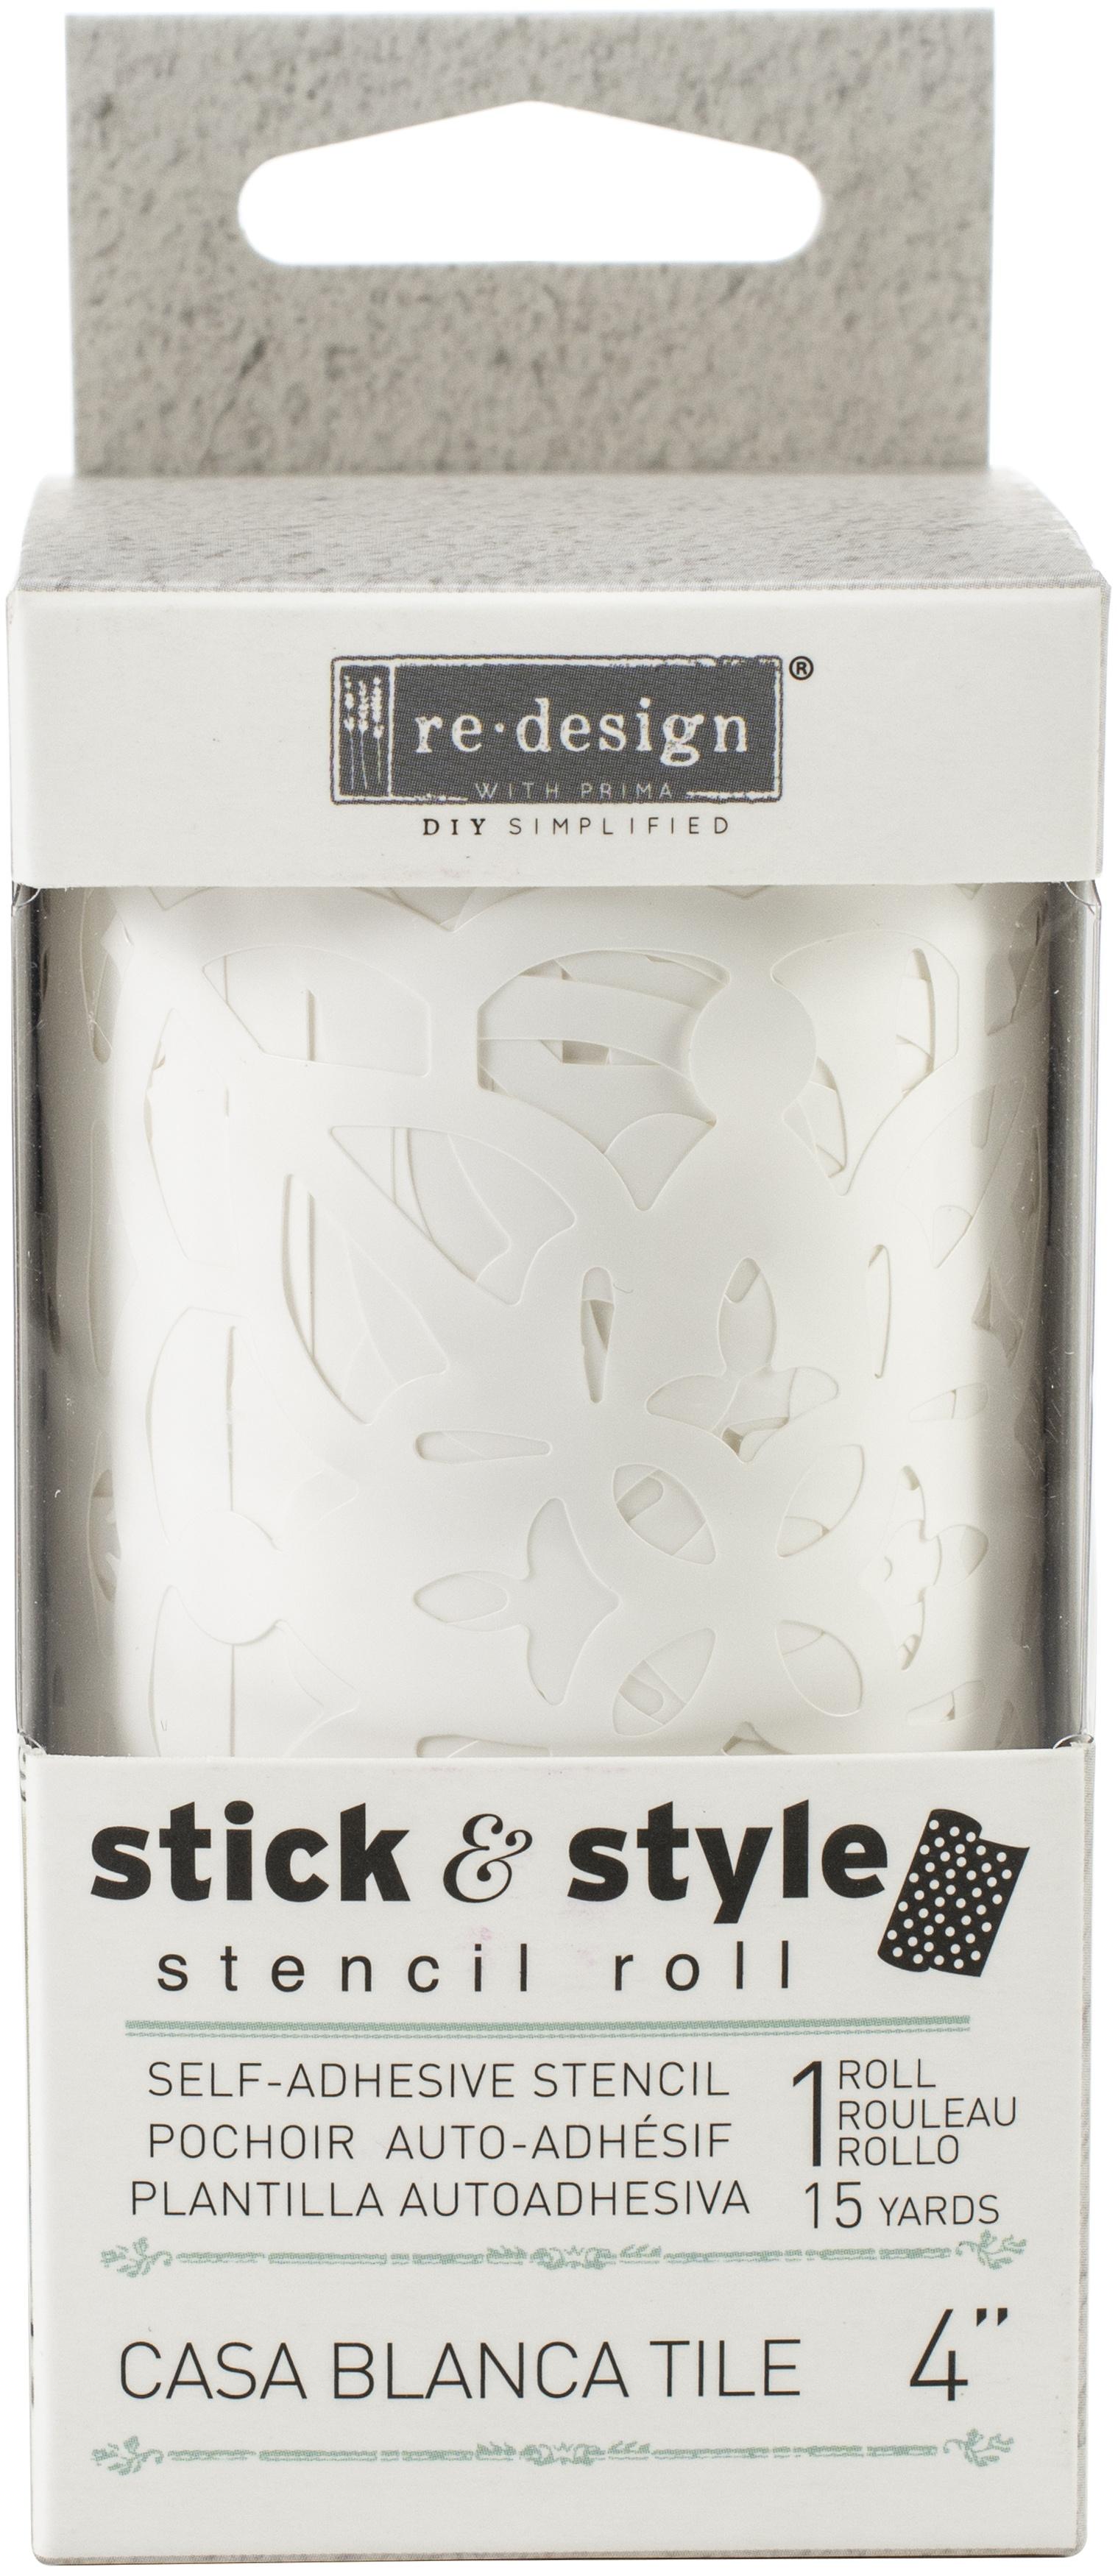 Stick & Style Casablanca